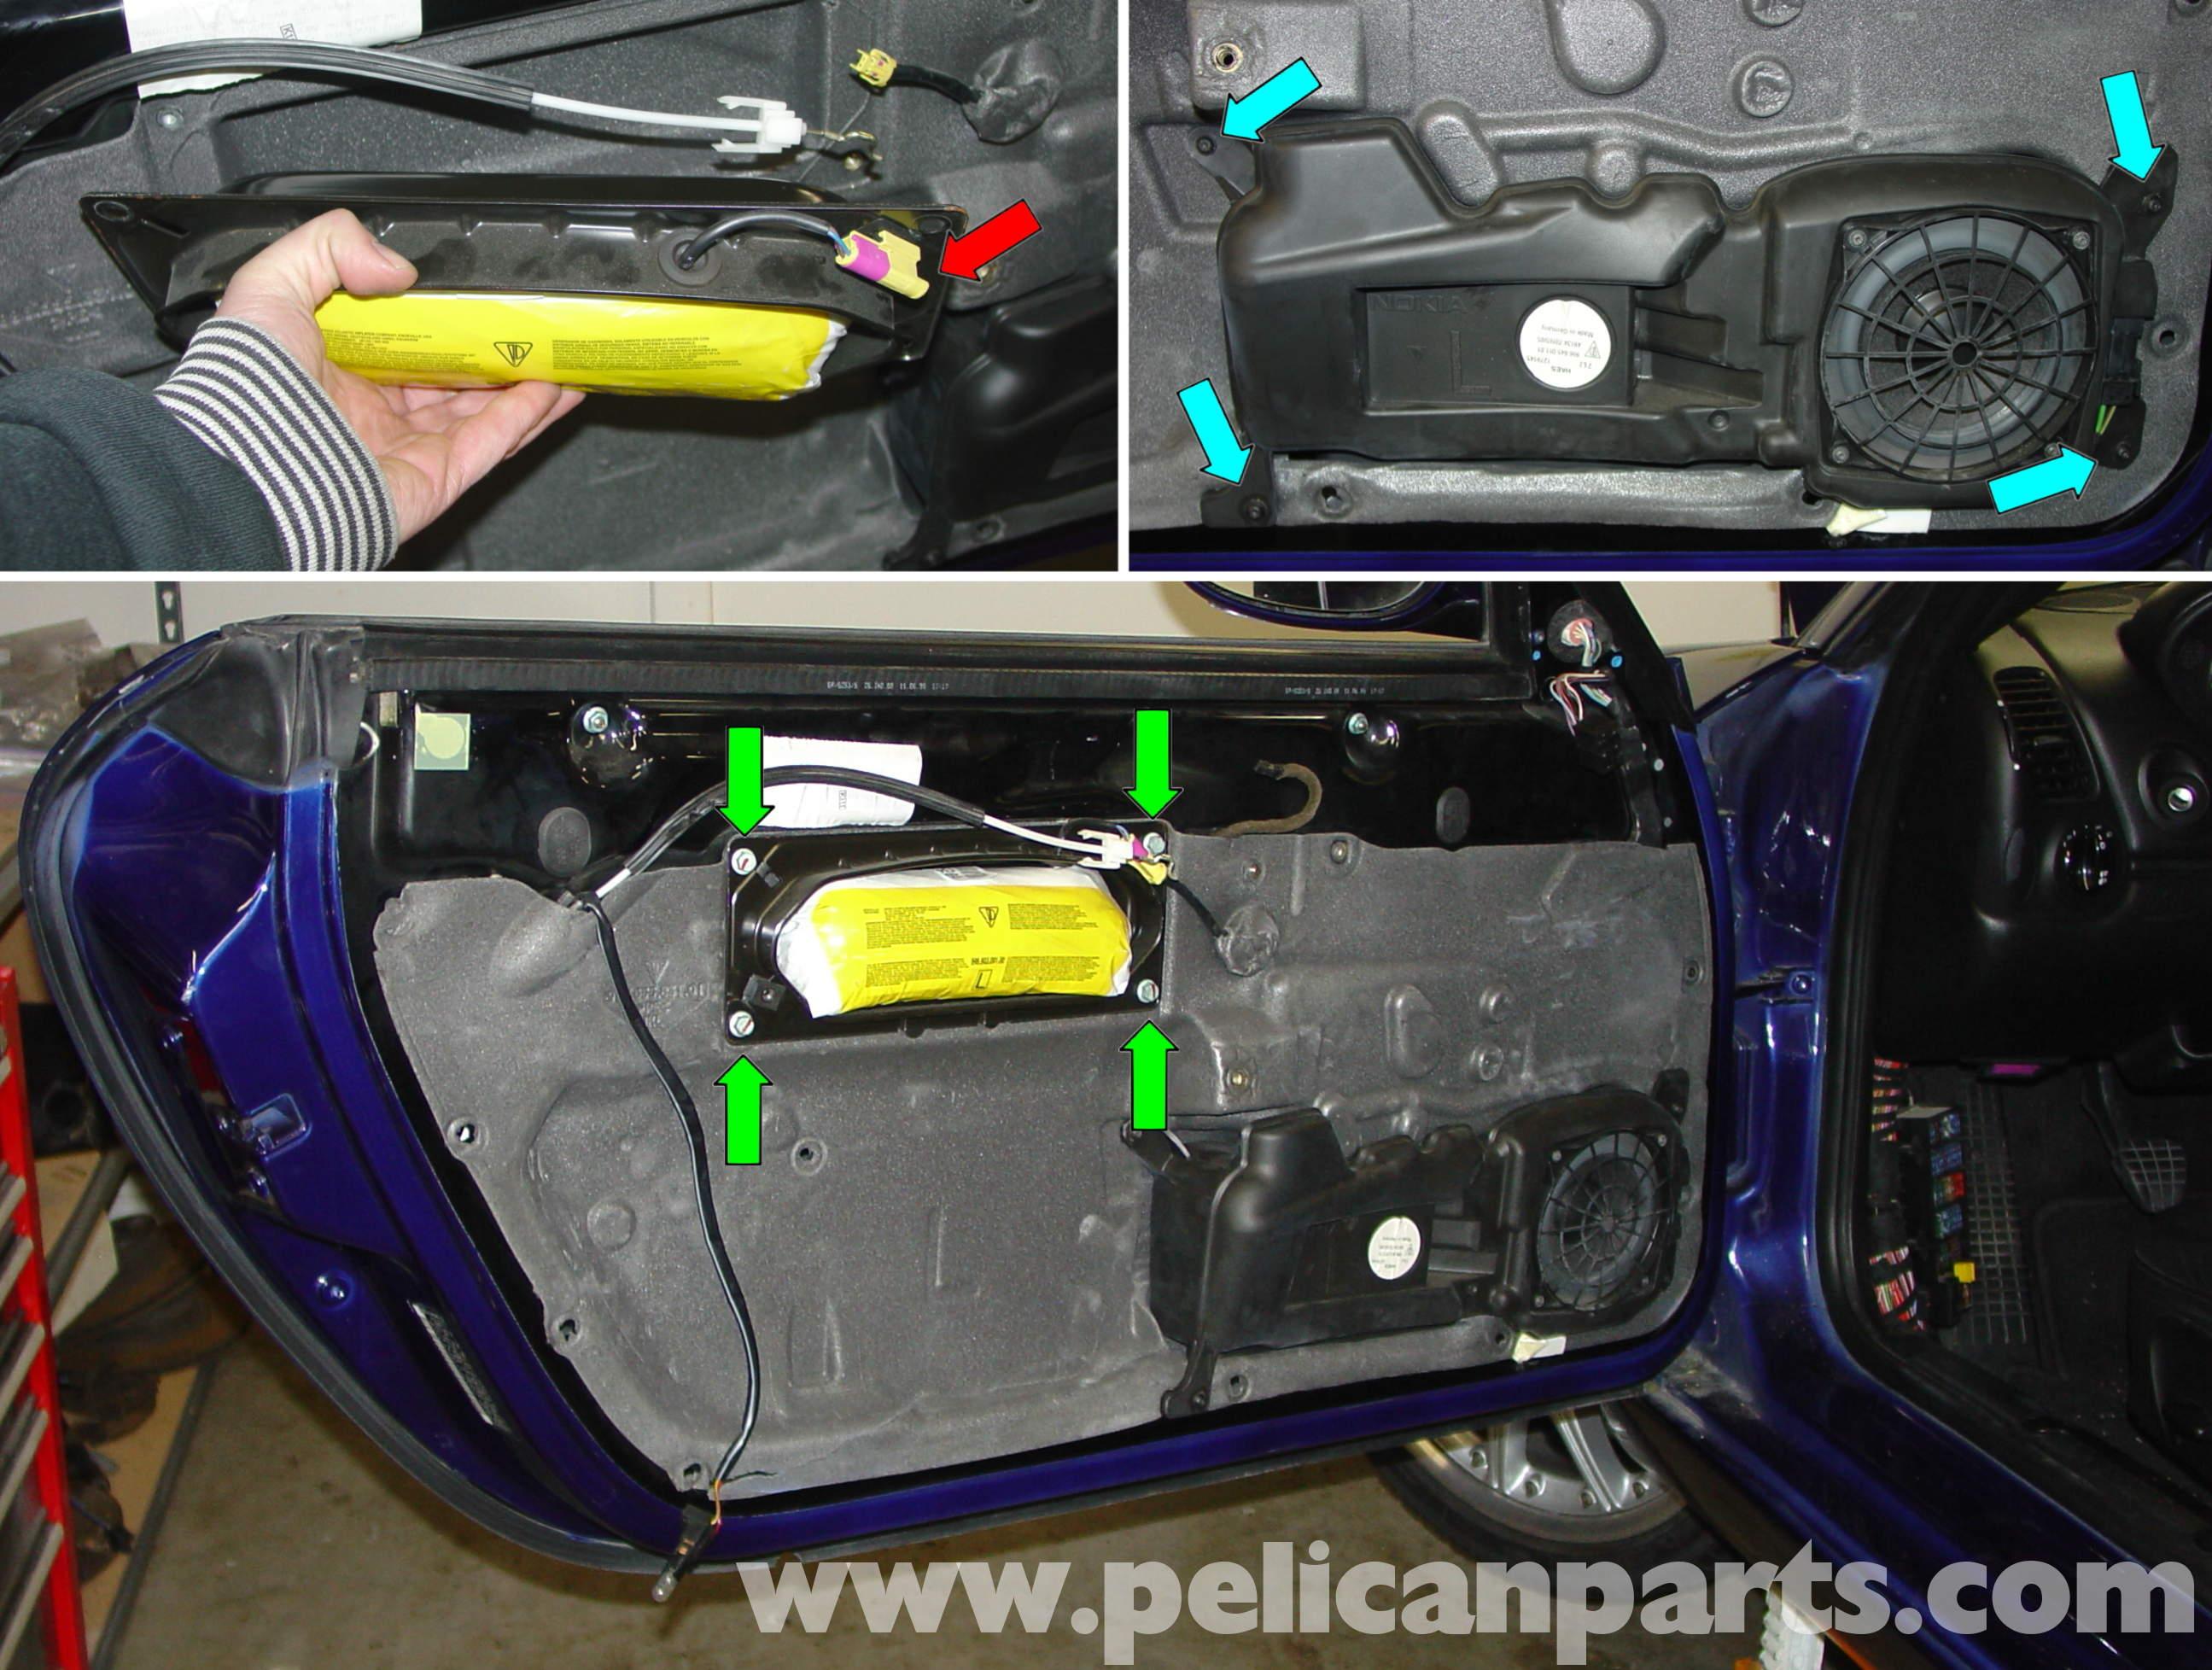 76 camaro wiring diagram  76  get free image about wiring